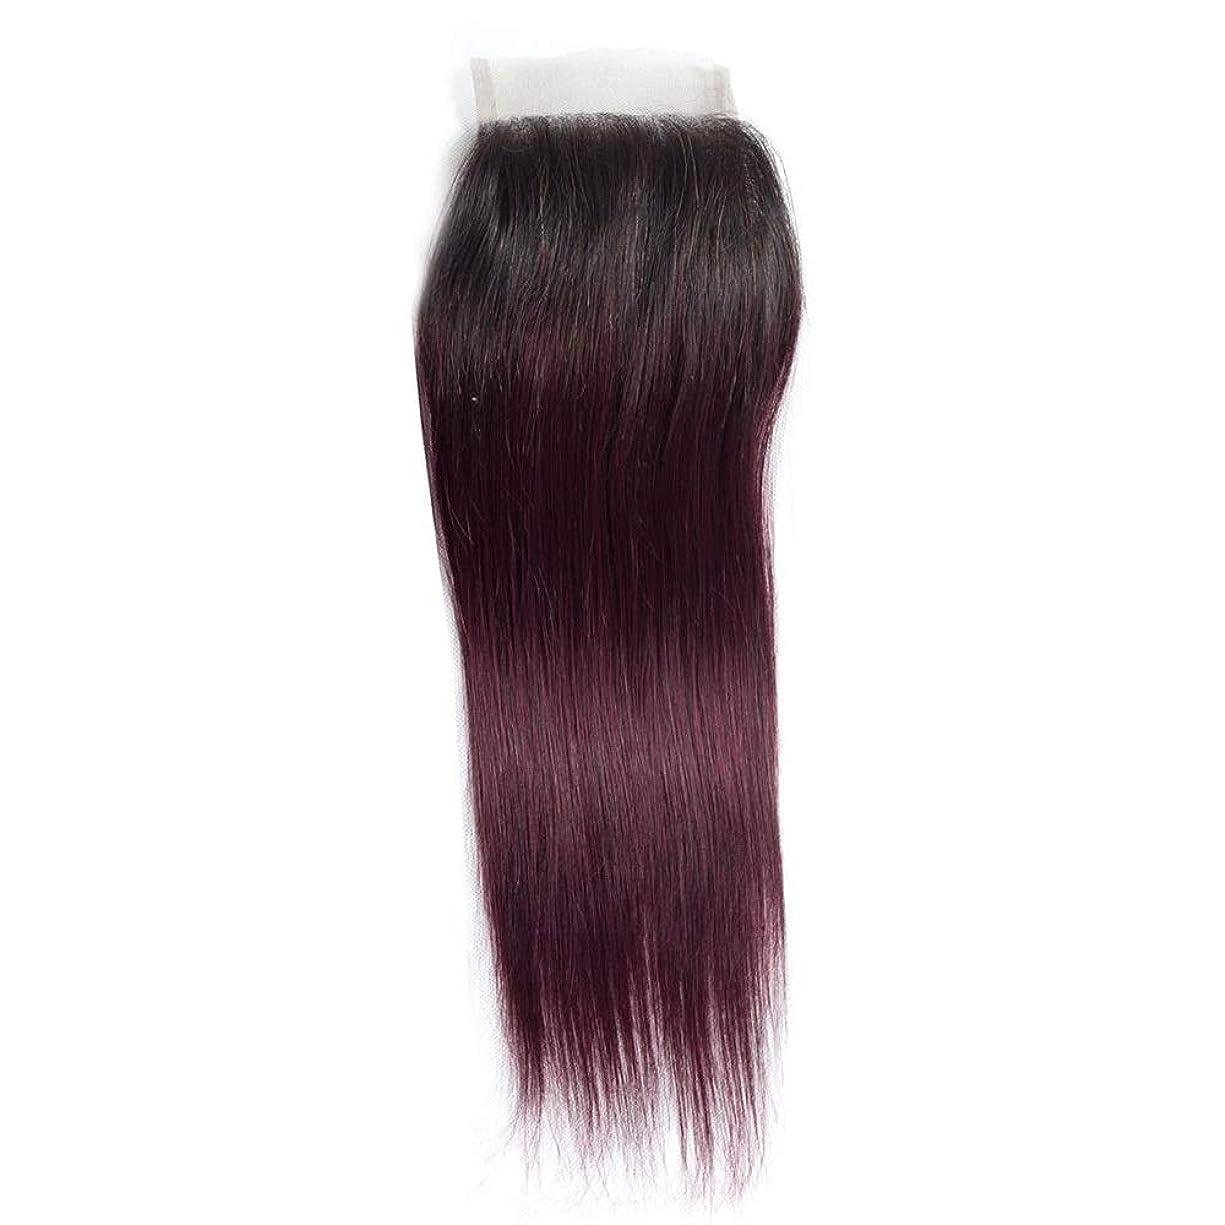 テレビを見る支配するアルバムIsikawan ブラジルの人間の髪の毛の黒へのワインレッドグラデーション2トーンカラー10インチ-18インチ4 x 4レース閉鎖 - フリーパートボディウェーブナチュラル (色 : ワインレッド, サイズ : 10 inch)